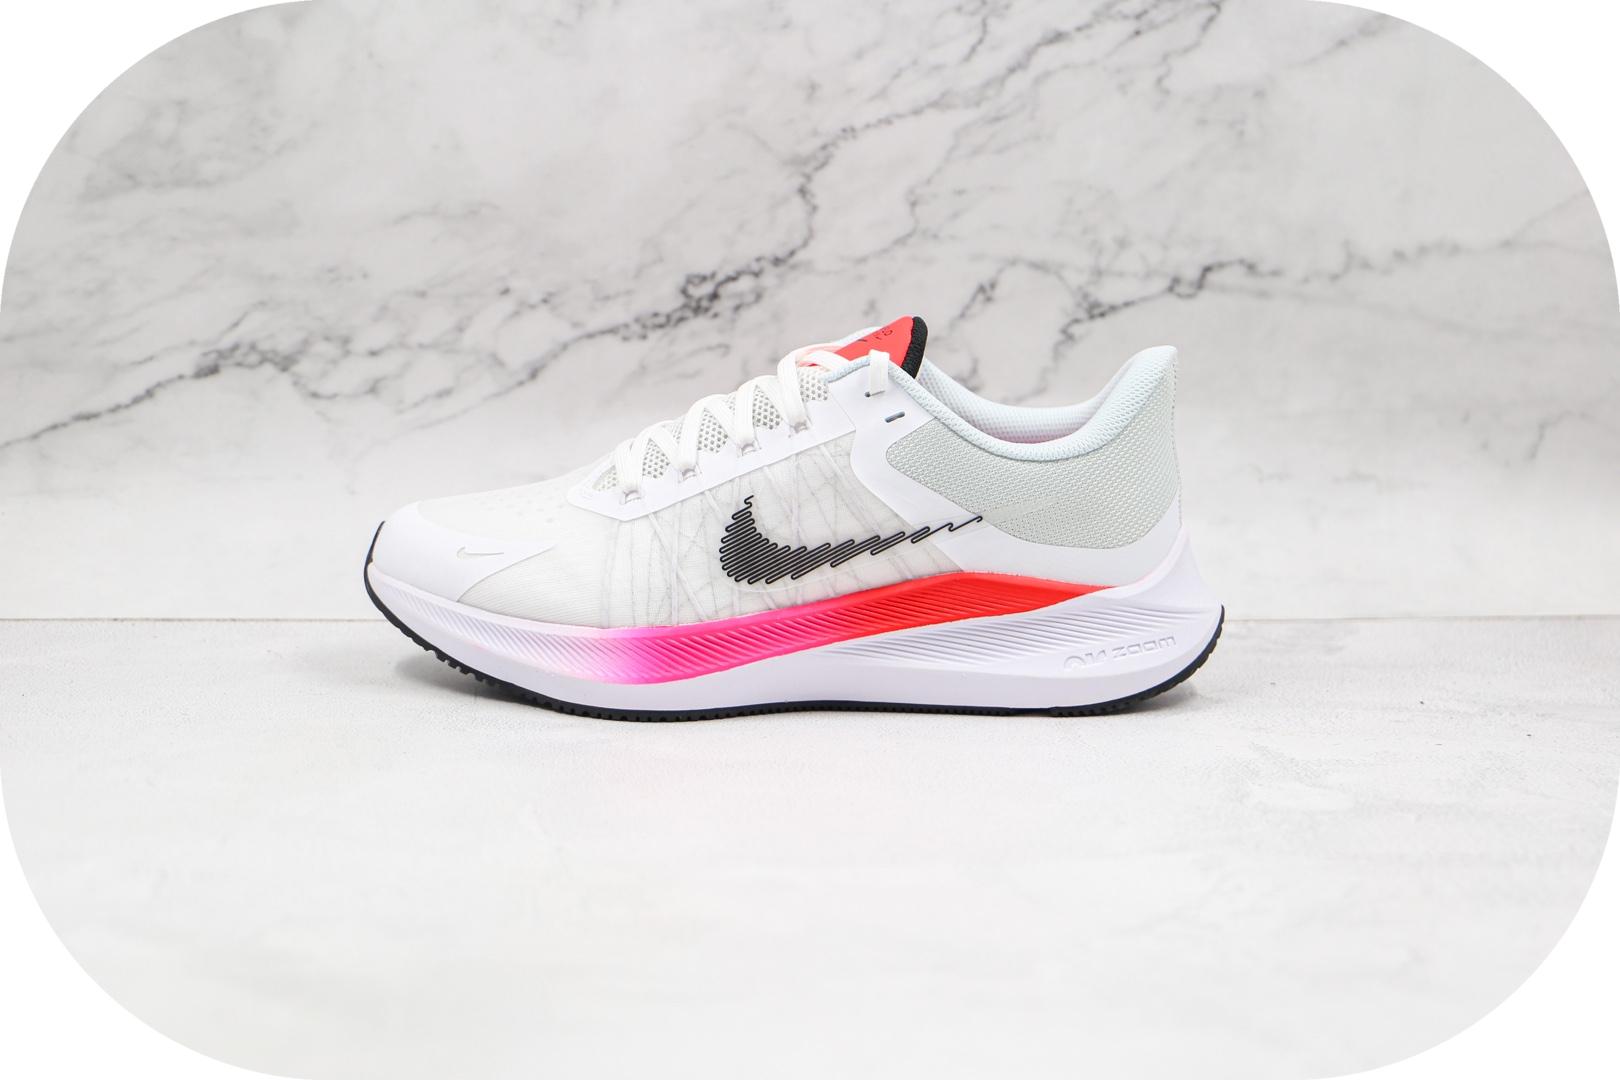 耐克Nike Zoom Winflo 8纯原版本温弗罗八代白粉色线条慢跑鞋原档案数据开发 货号:CW3419-100